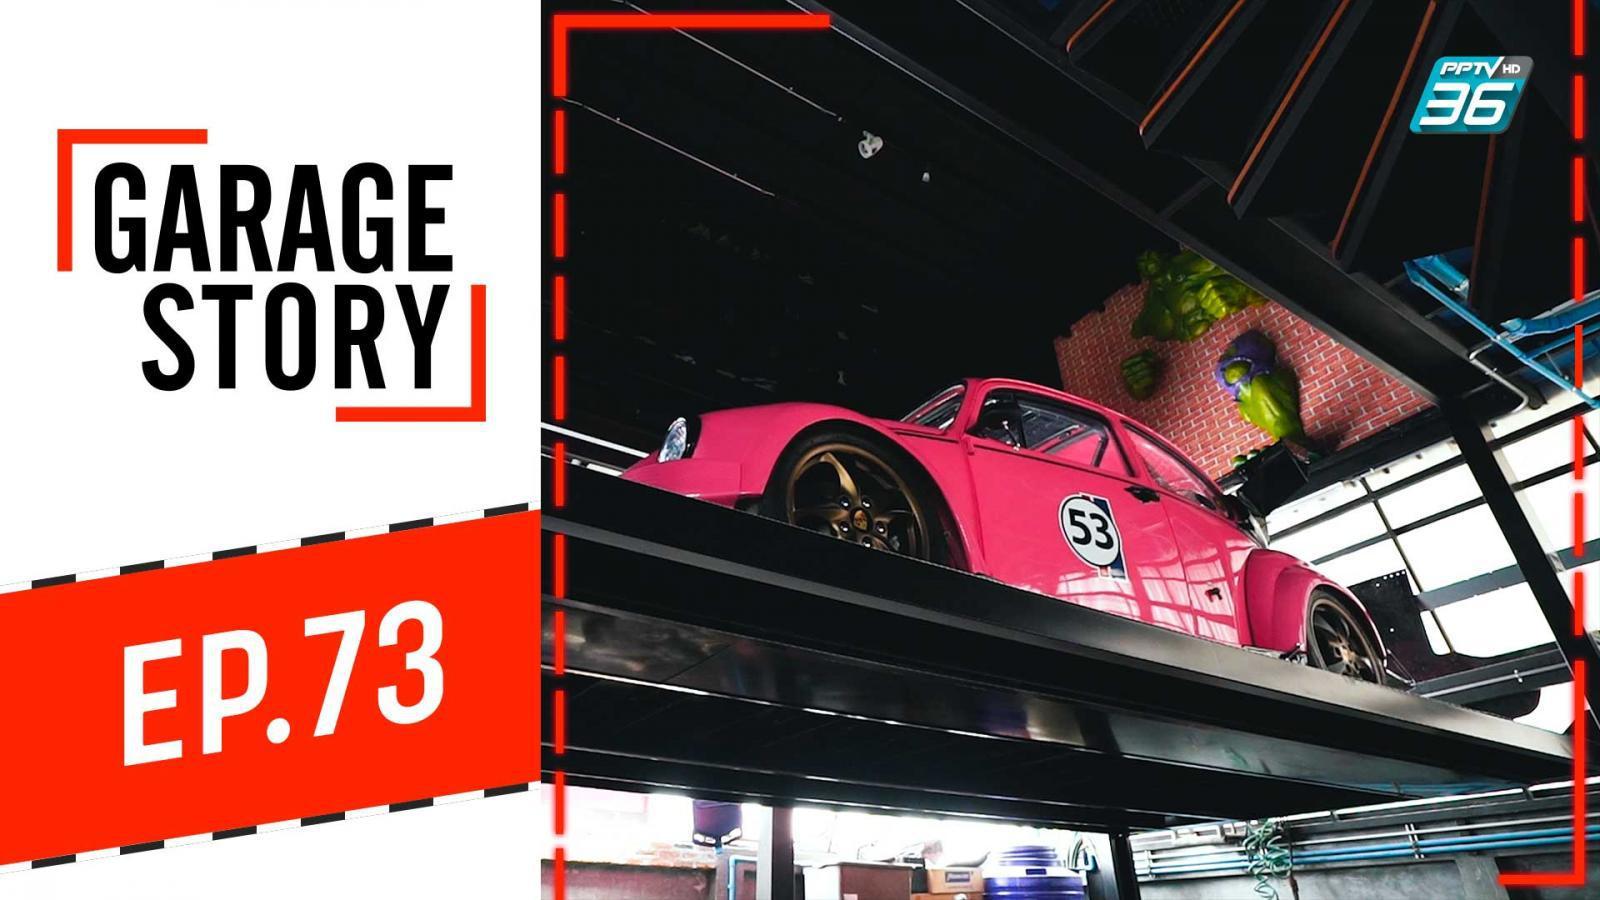 Garage ปรับพื้นที่จอดรถเพิ่มมากขึ้นด้วยการใช้ลิฟท์